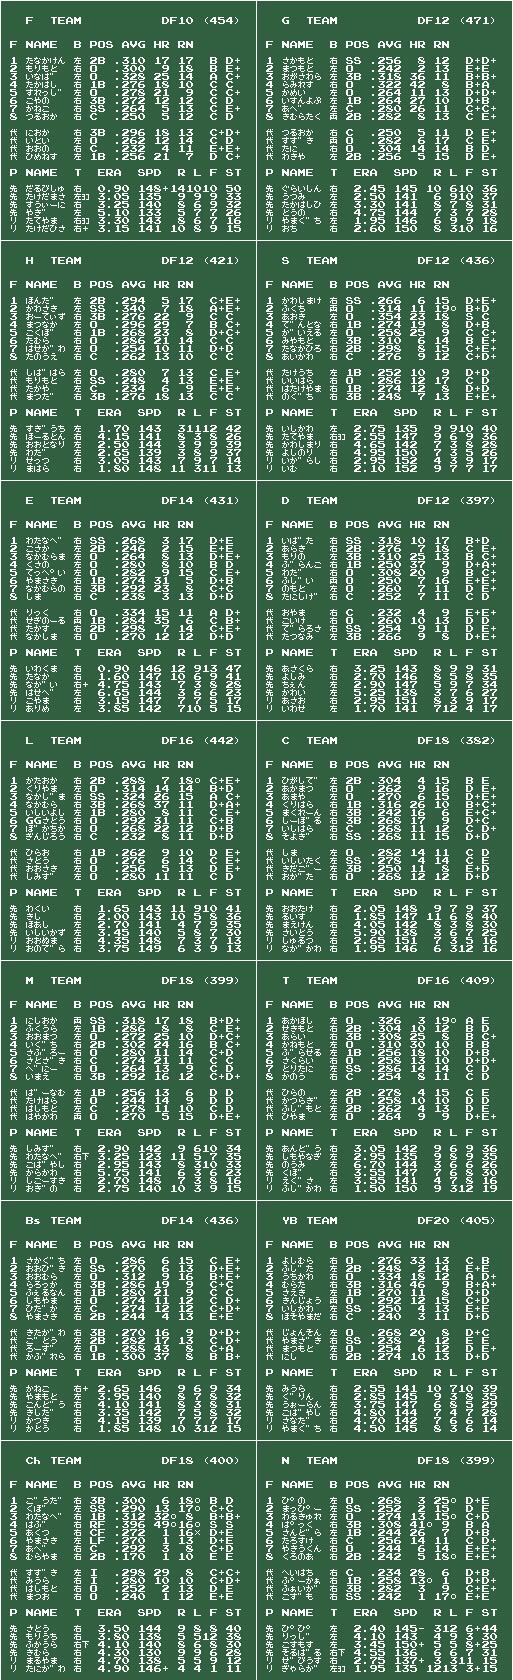 ファミスタ オンライン版 2009 v2009/07/17 チームデータ